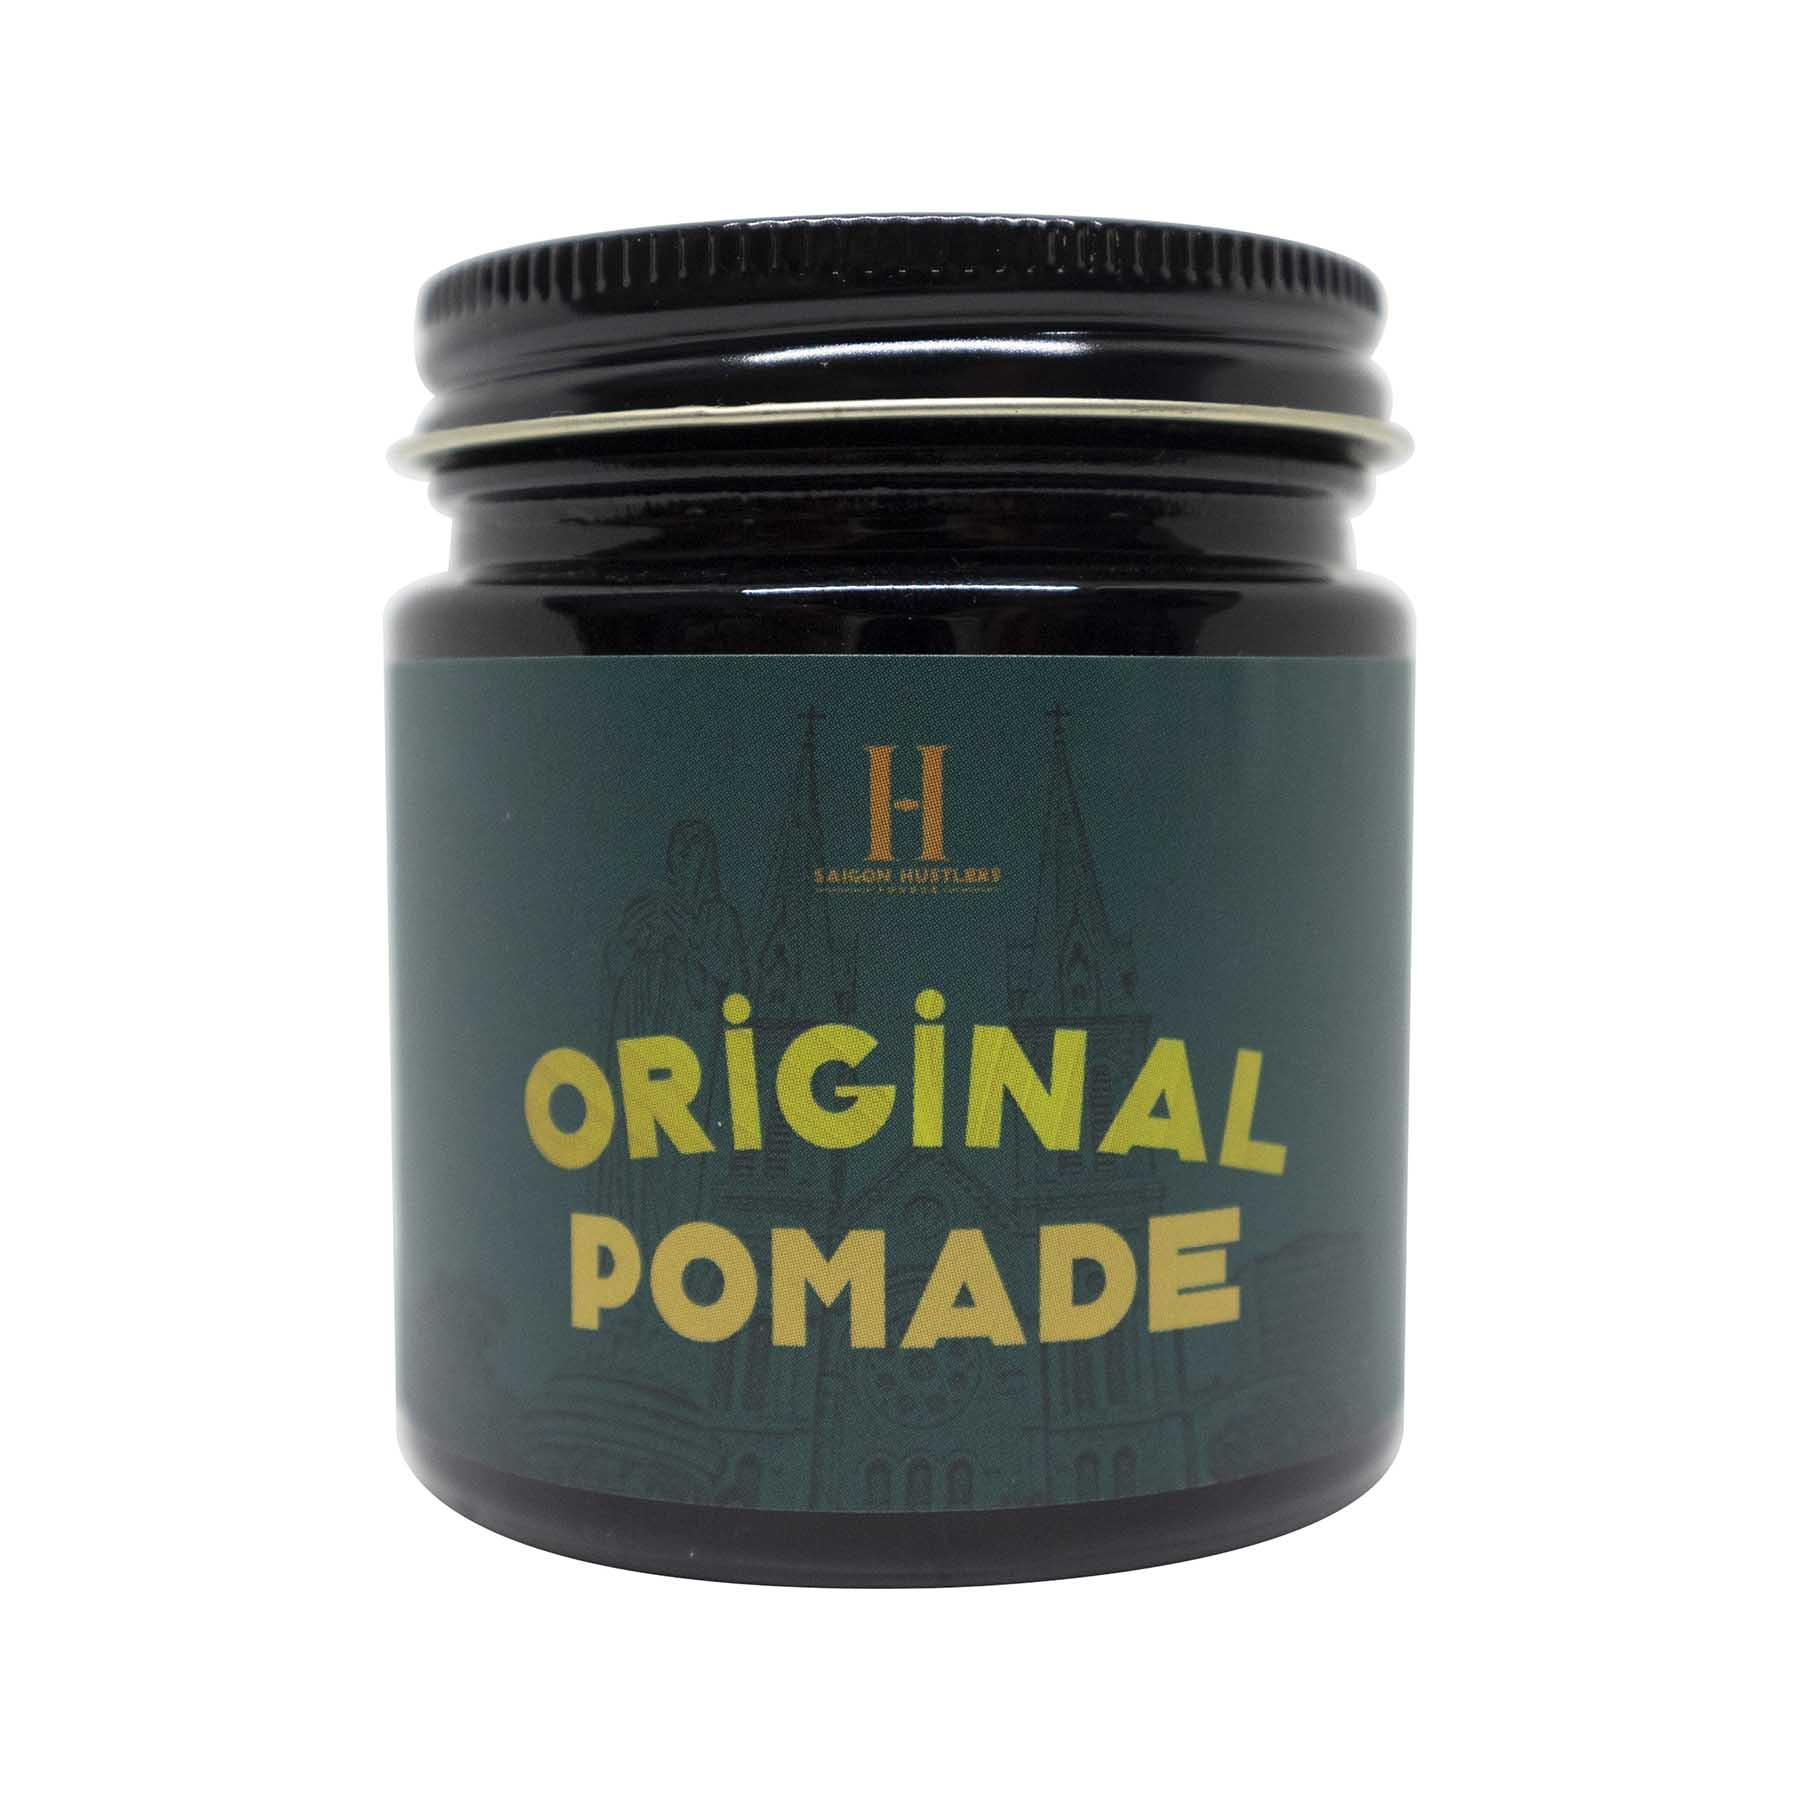 original-pomade-01